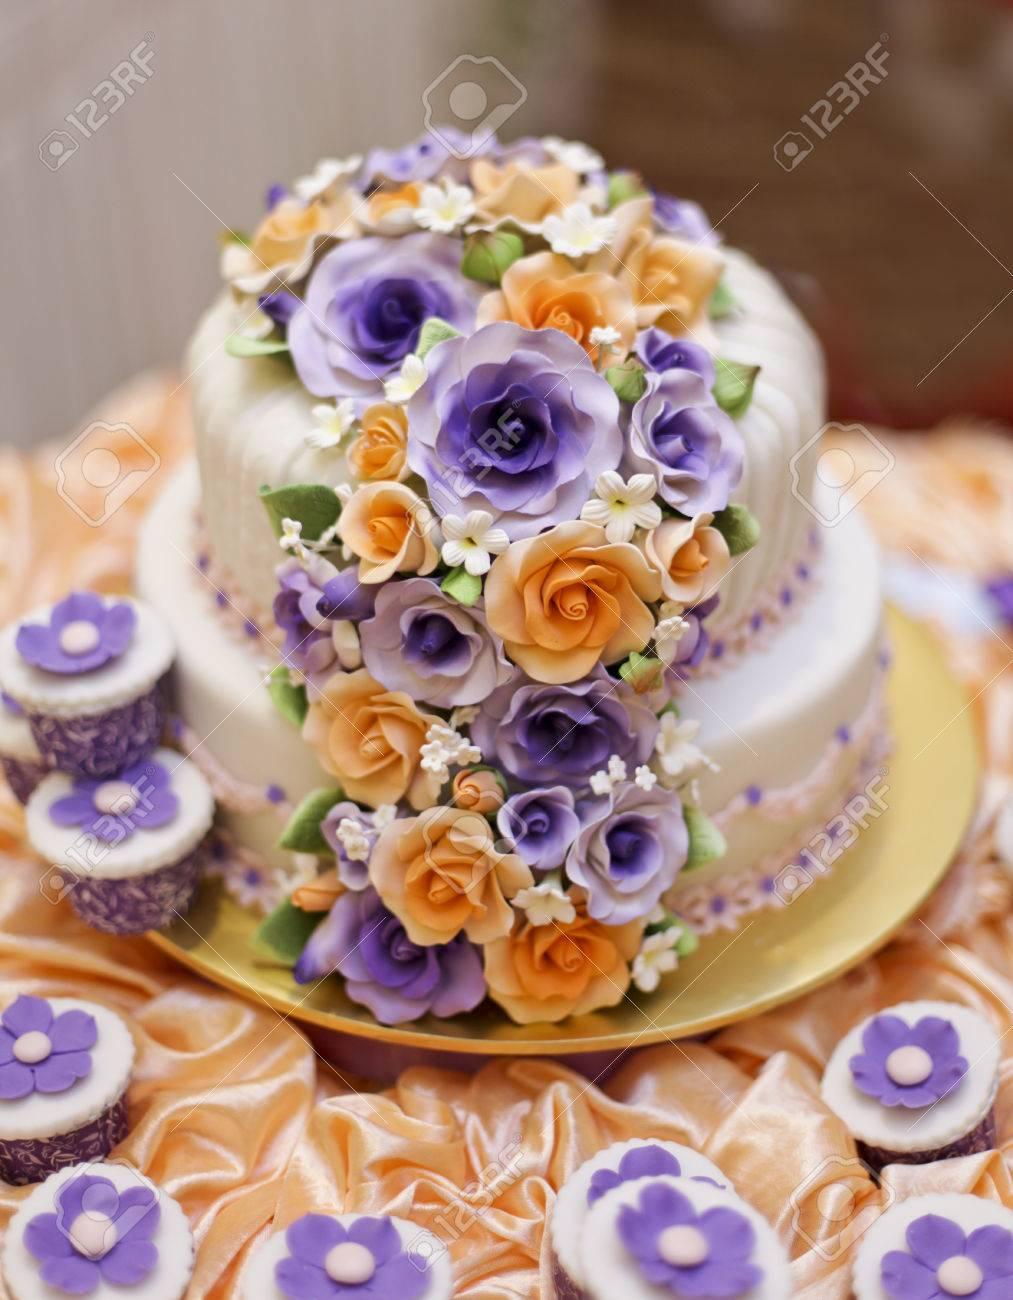 Die Schönsten Kuchen Für Solemnization Veranstaltung Standard Bild    23642308